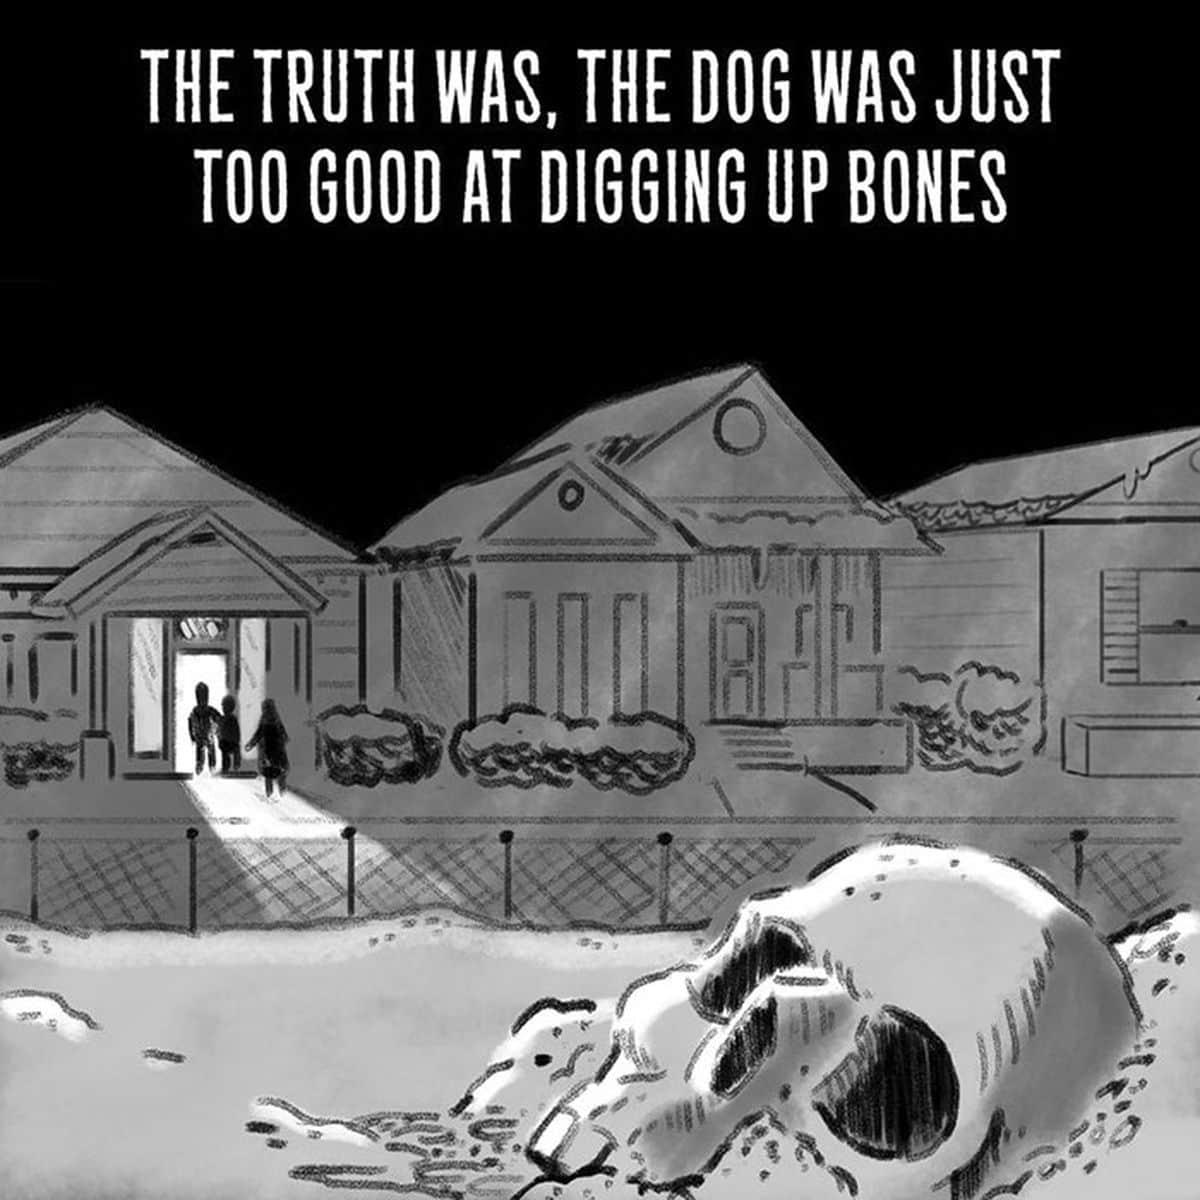 Horror-Stories in nur 2 Sätzen von Jacob Andrews | Design/Kunst | Was is hier eigentlich los?